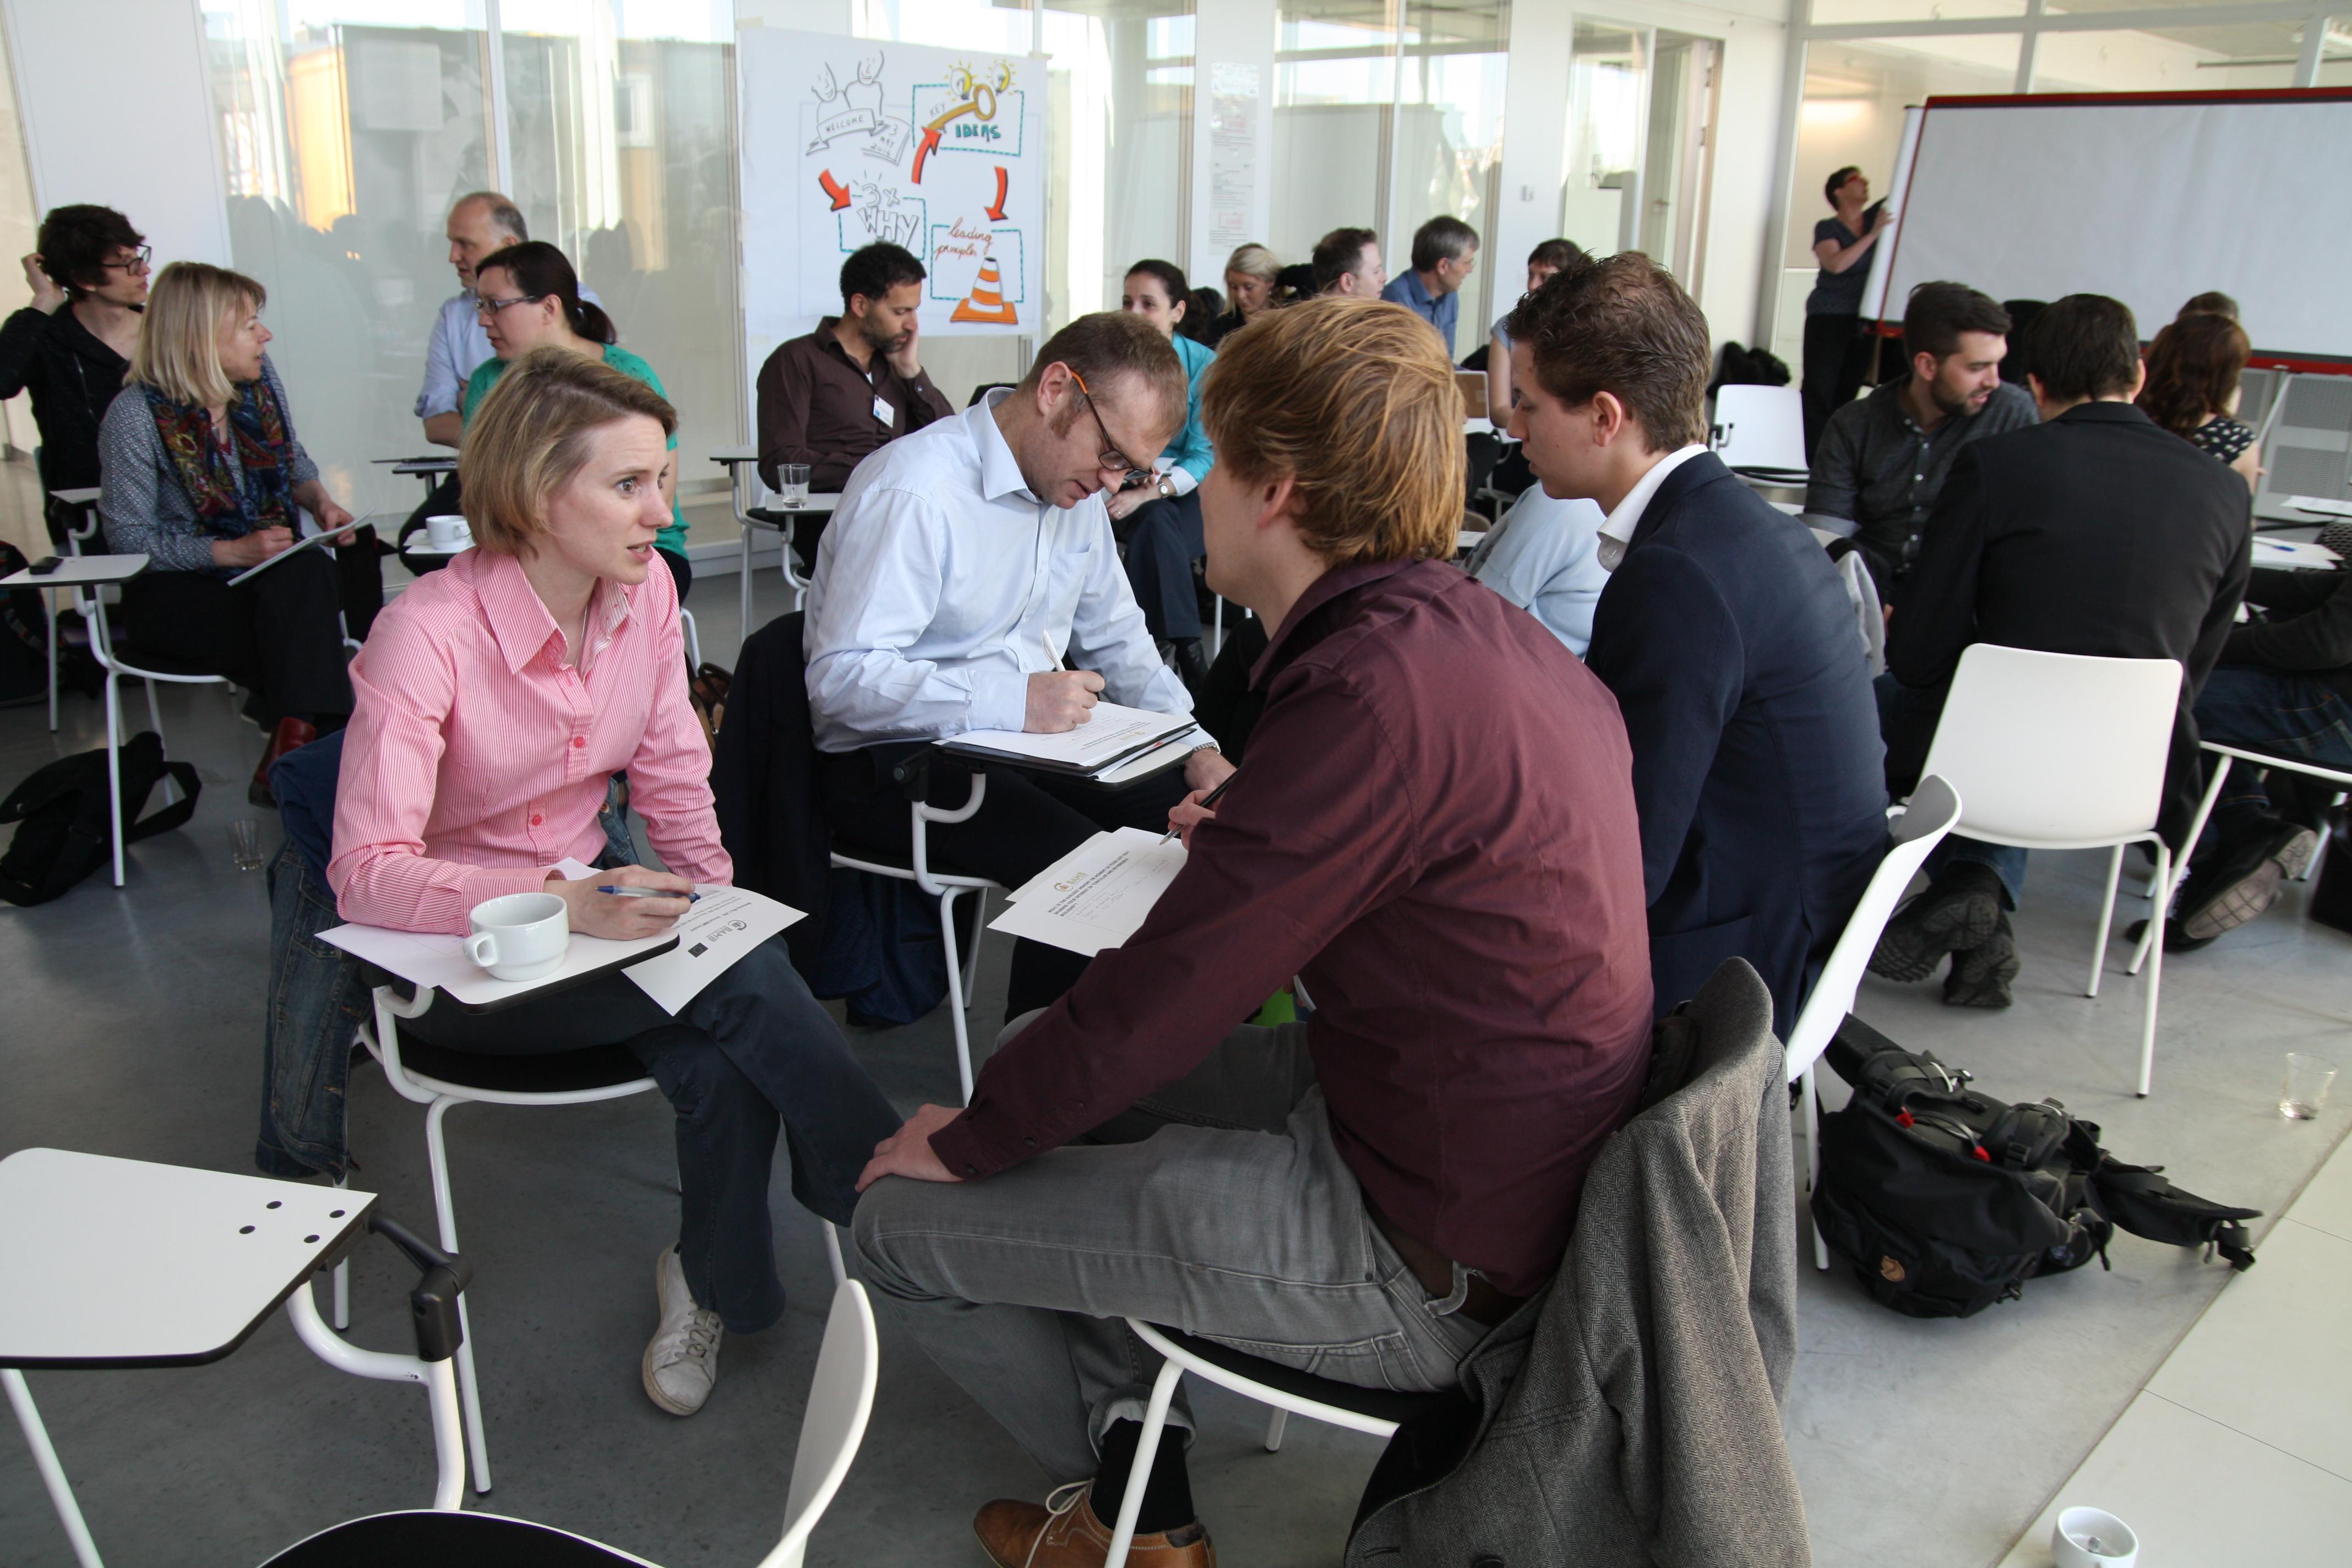 Workshop people siting talking